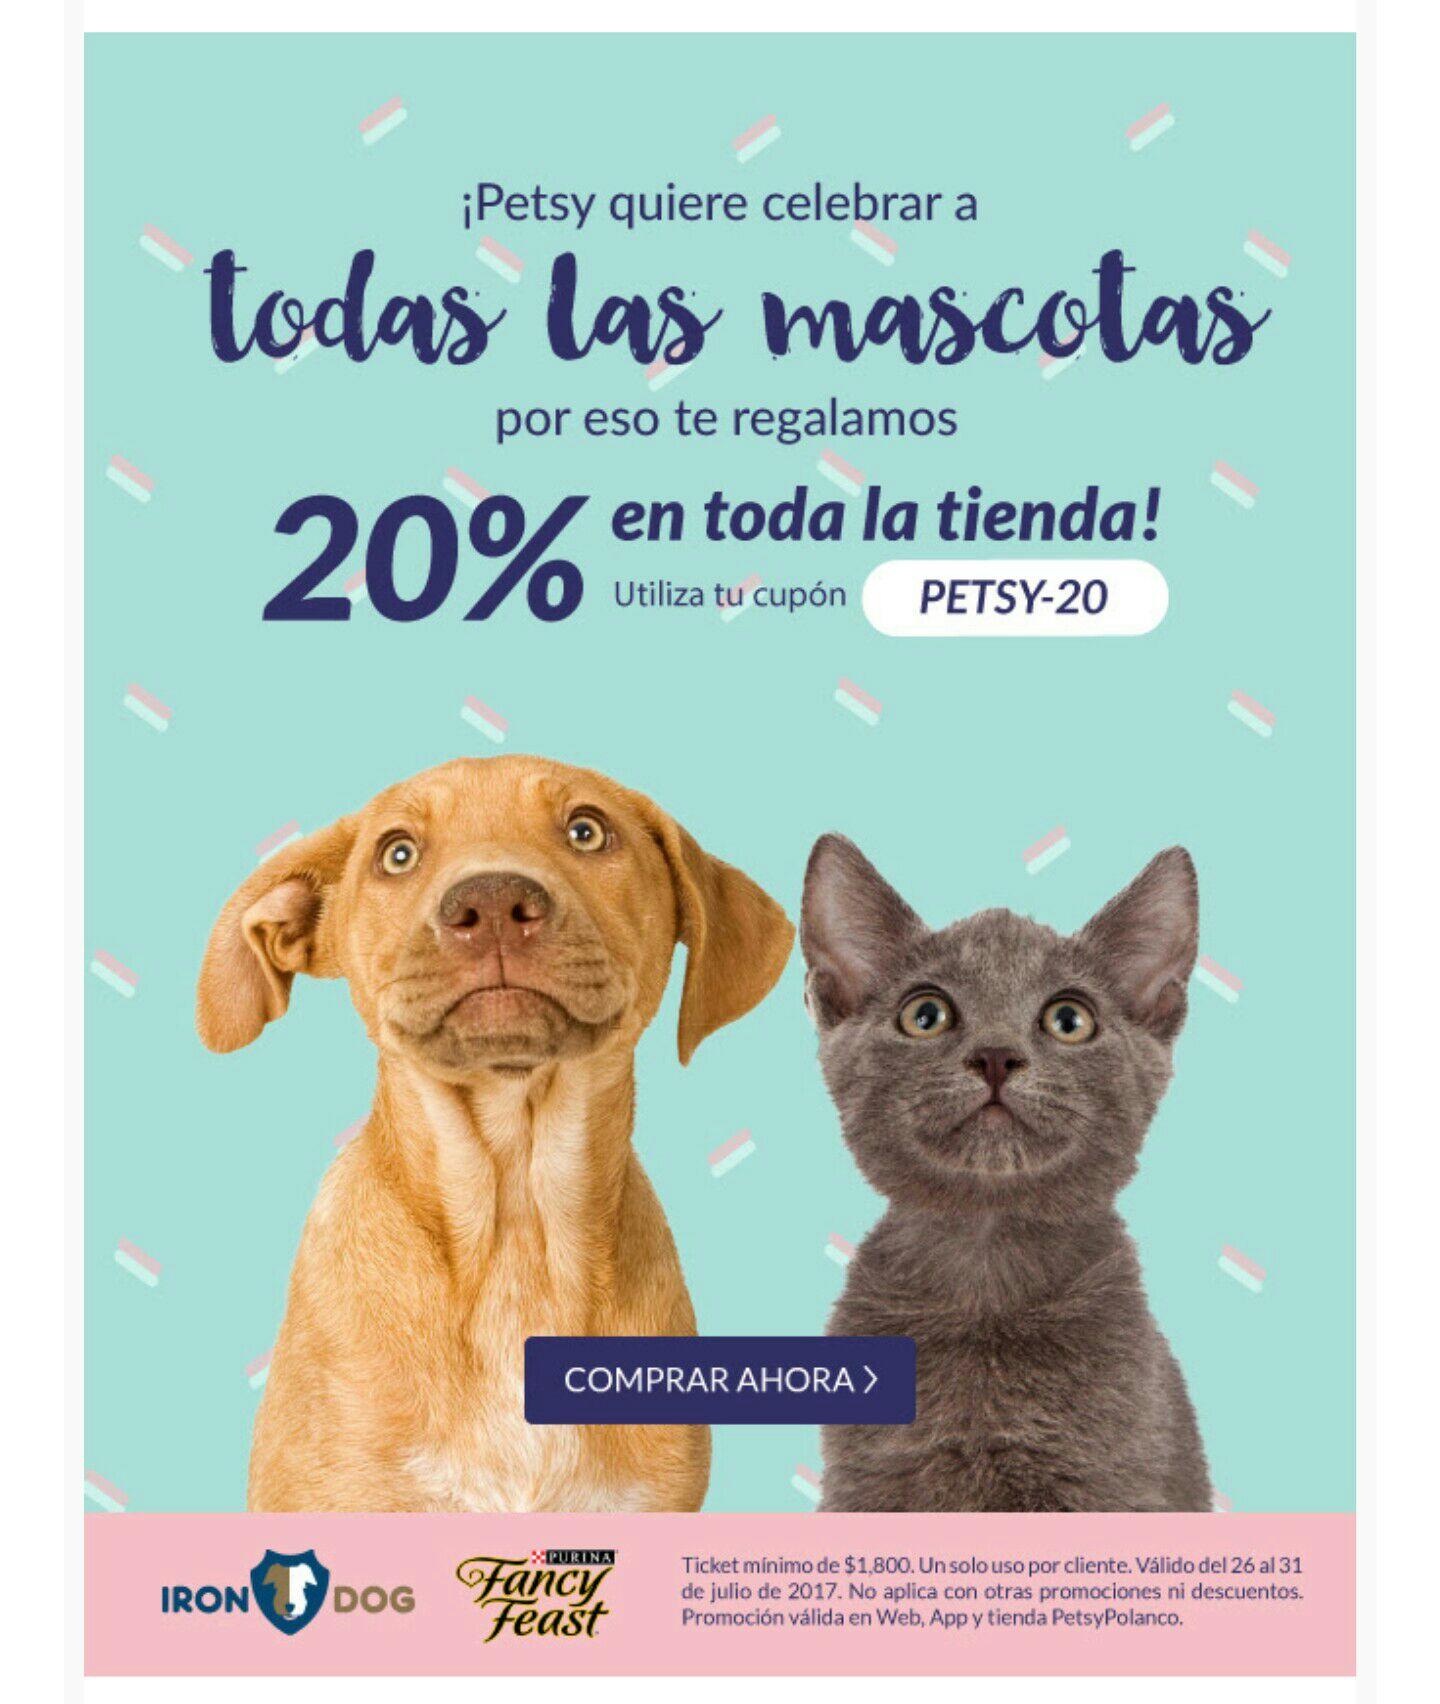 Petsy: Cupón 20% Desc. toda la tienda